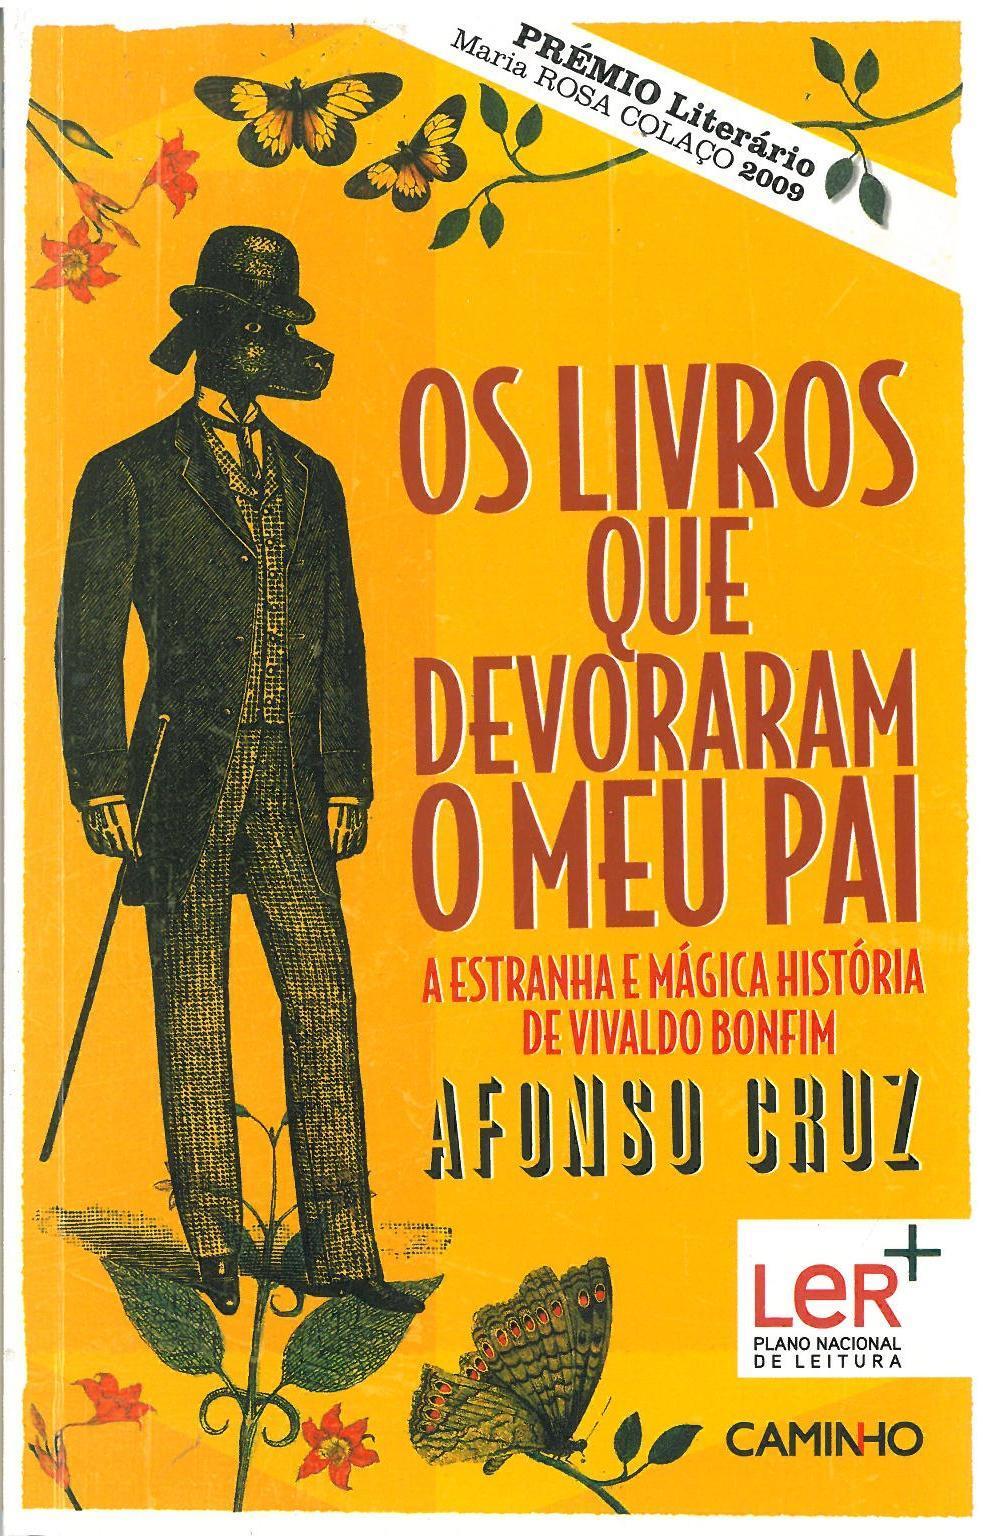 Os livros que devoraram o meu pai_.jpg